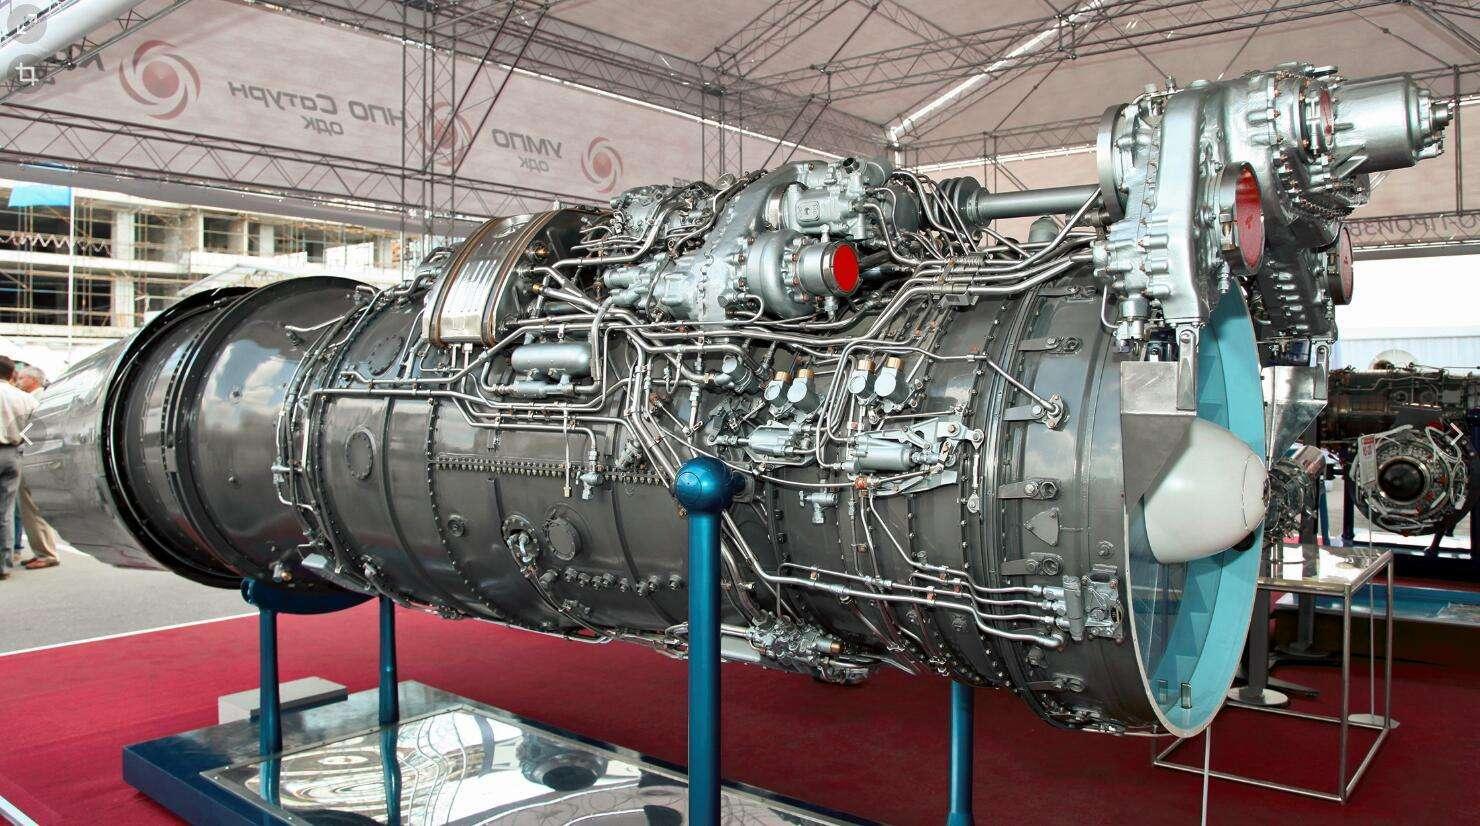 航空发动机维修行业MES系统的实施方案介绍